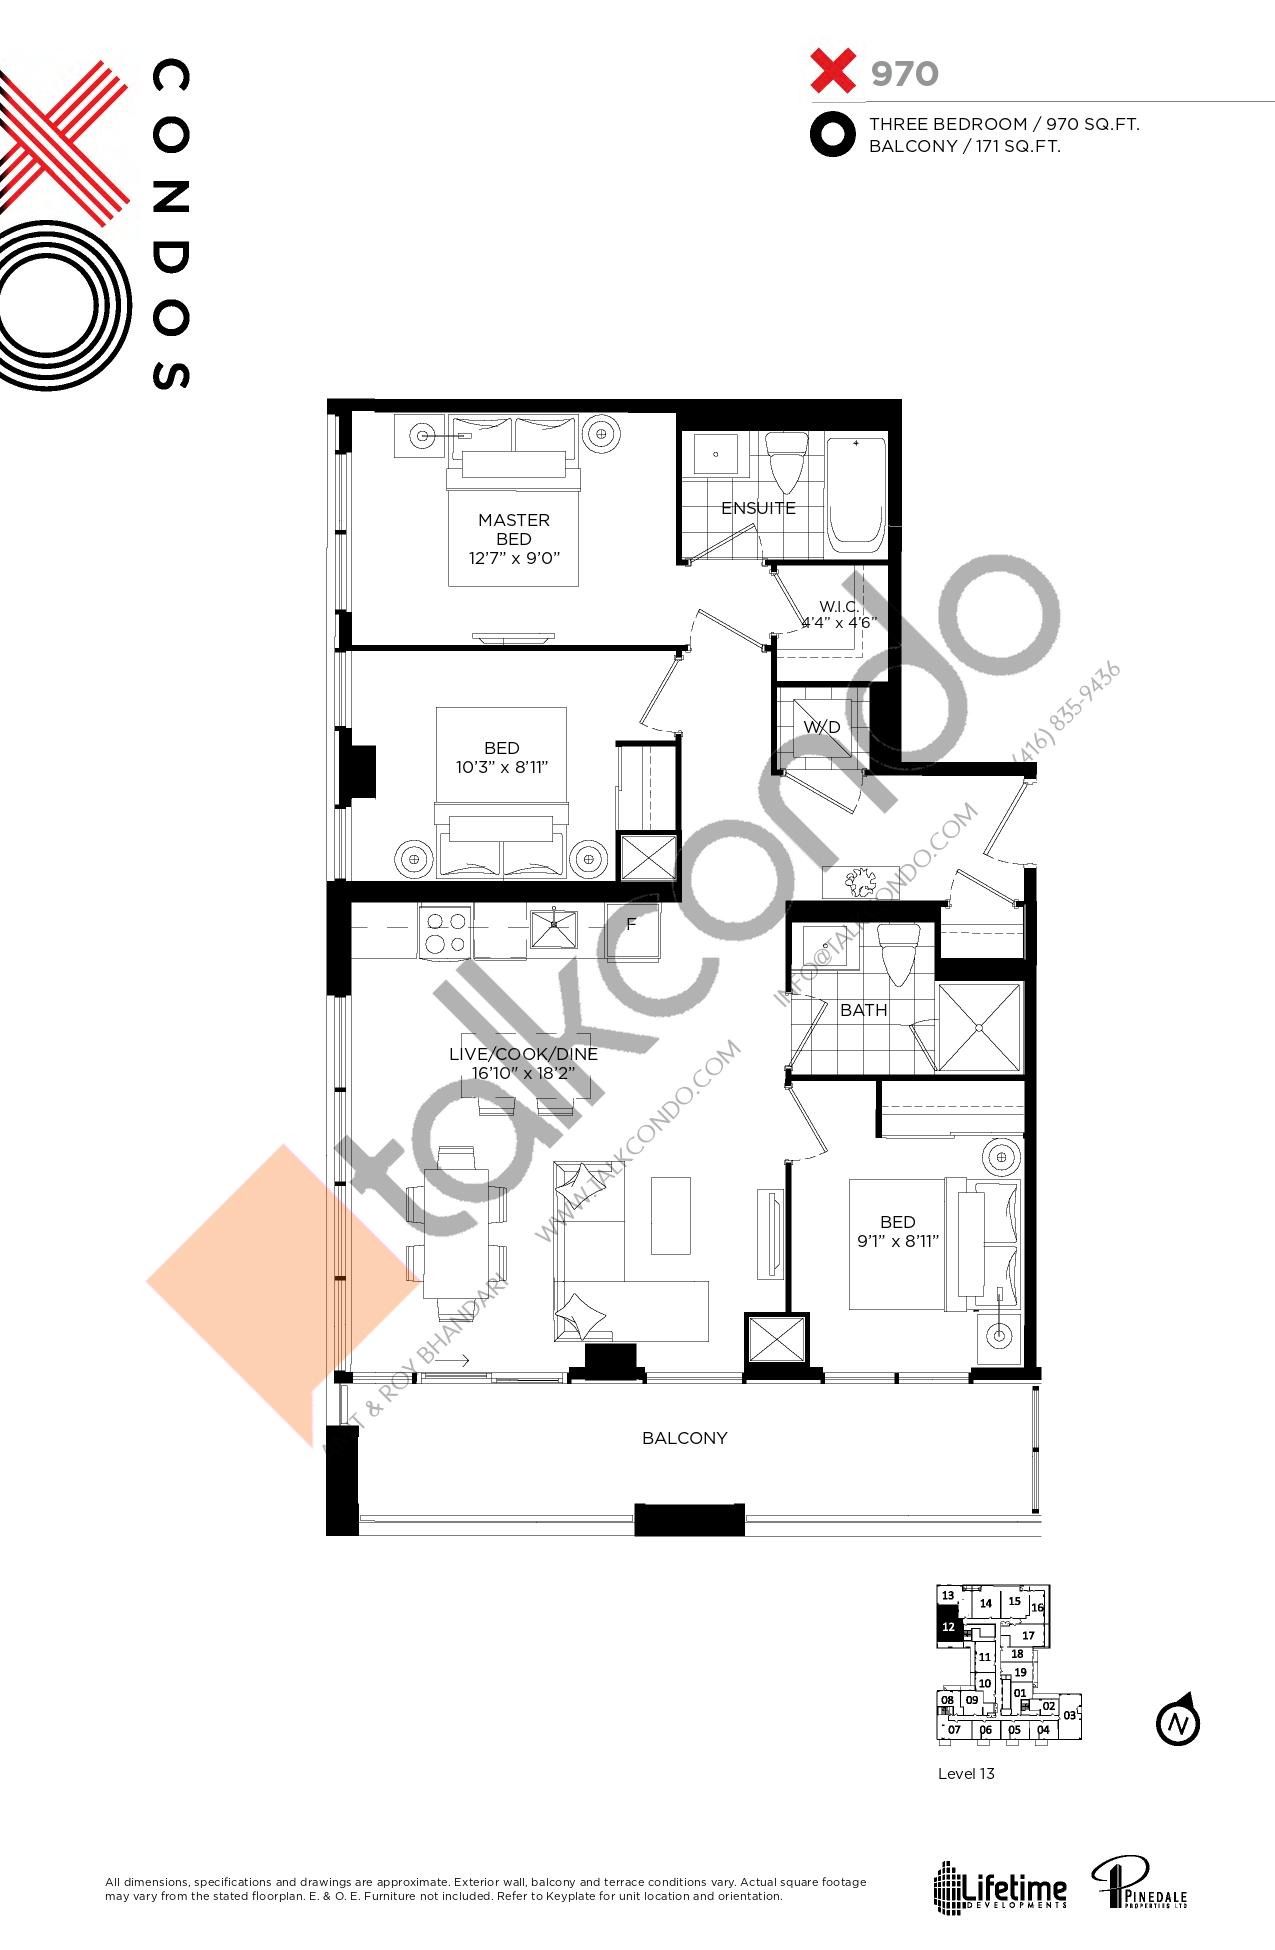 970 Floor Plan at XO Condos - 970 sq.ft